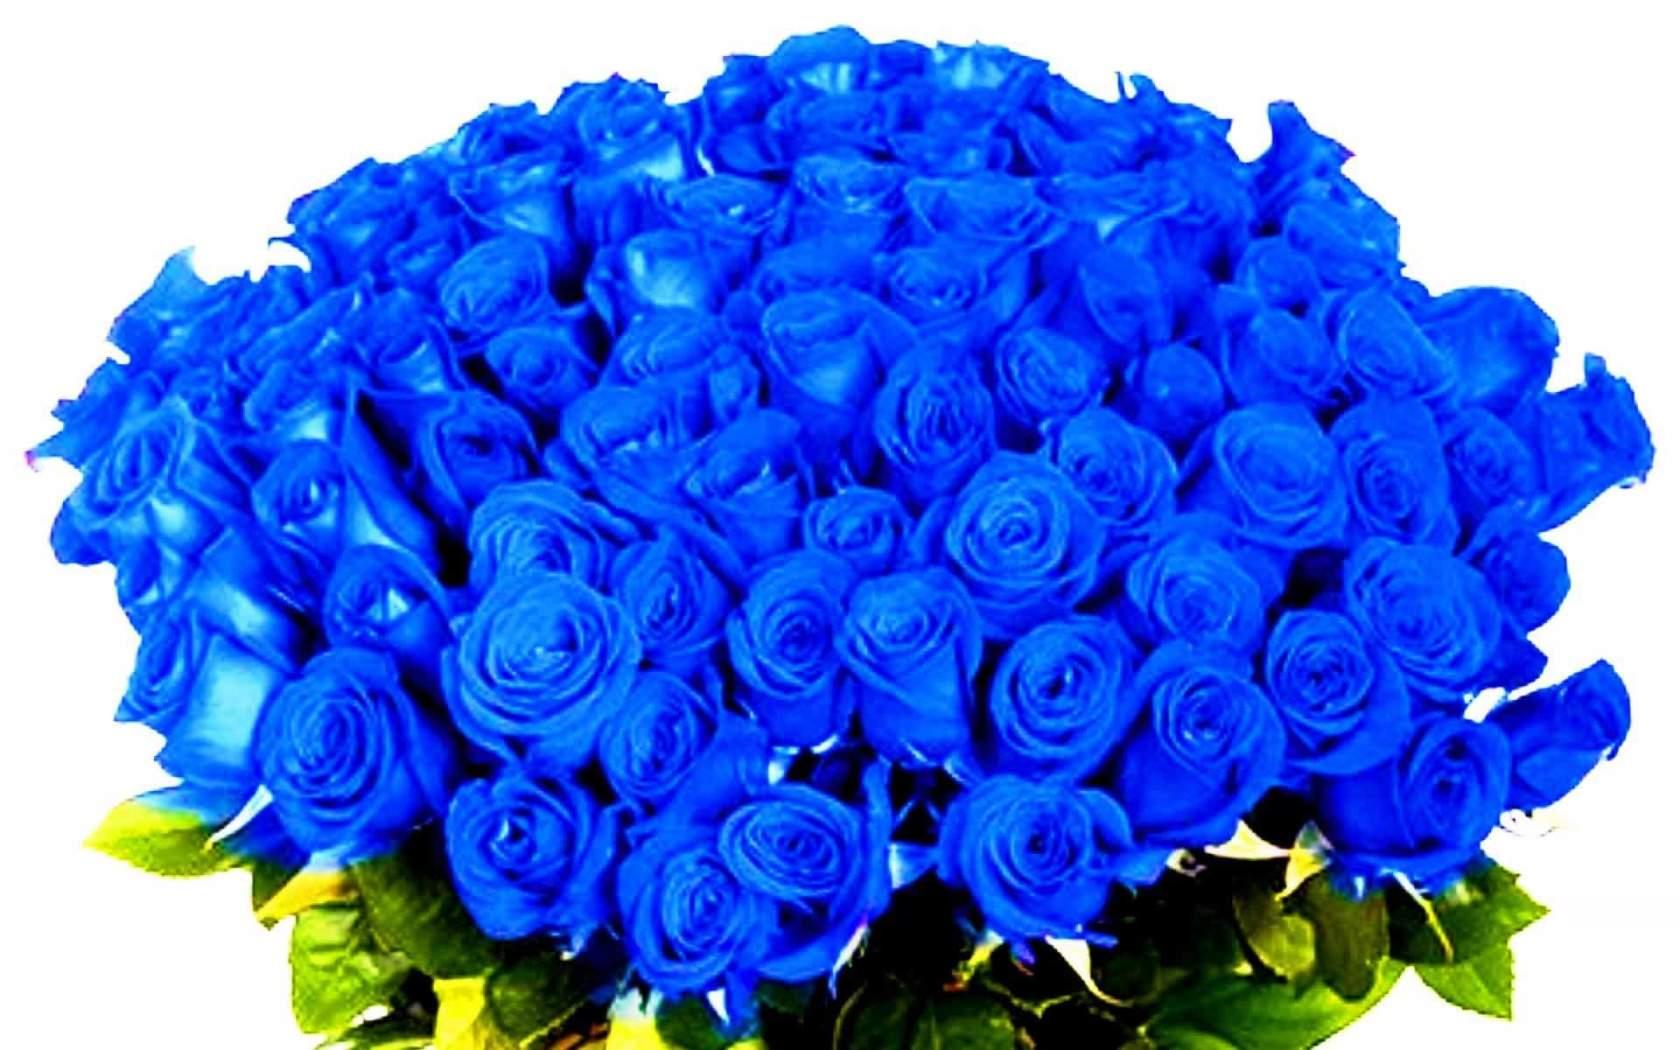 Цветов санкт-петербурге, купить синие розы цветы фото